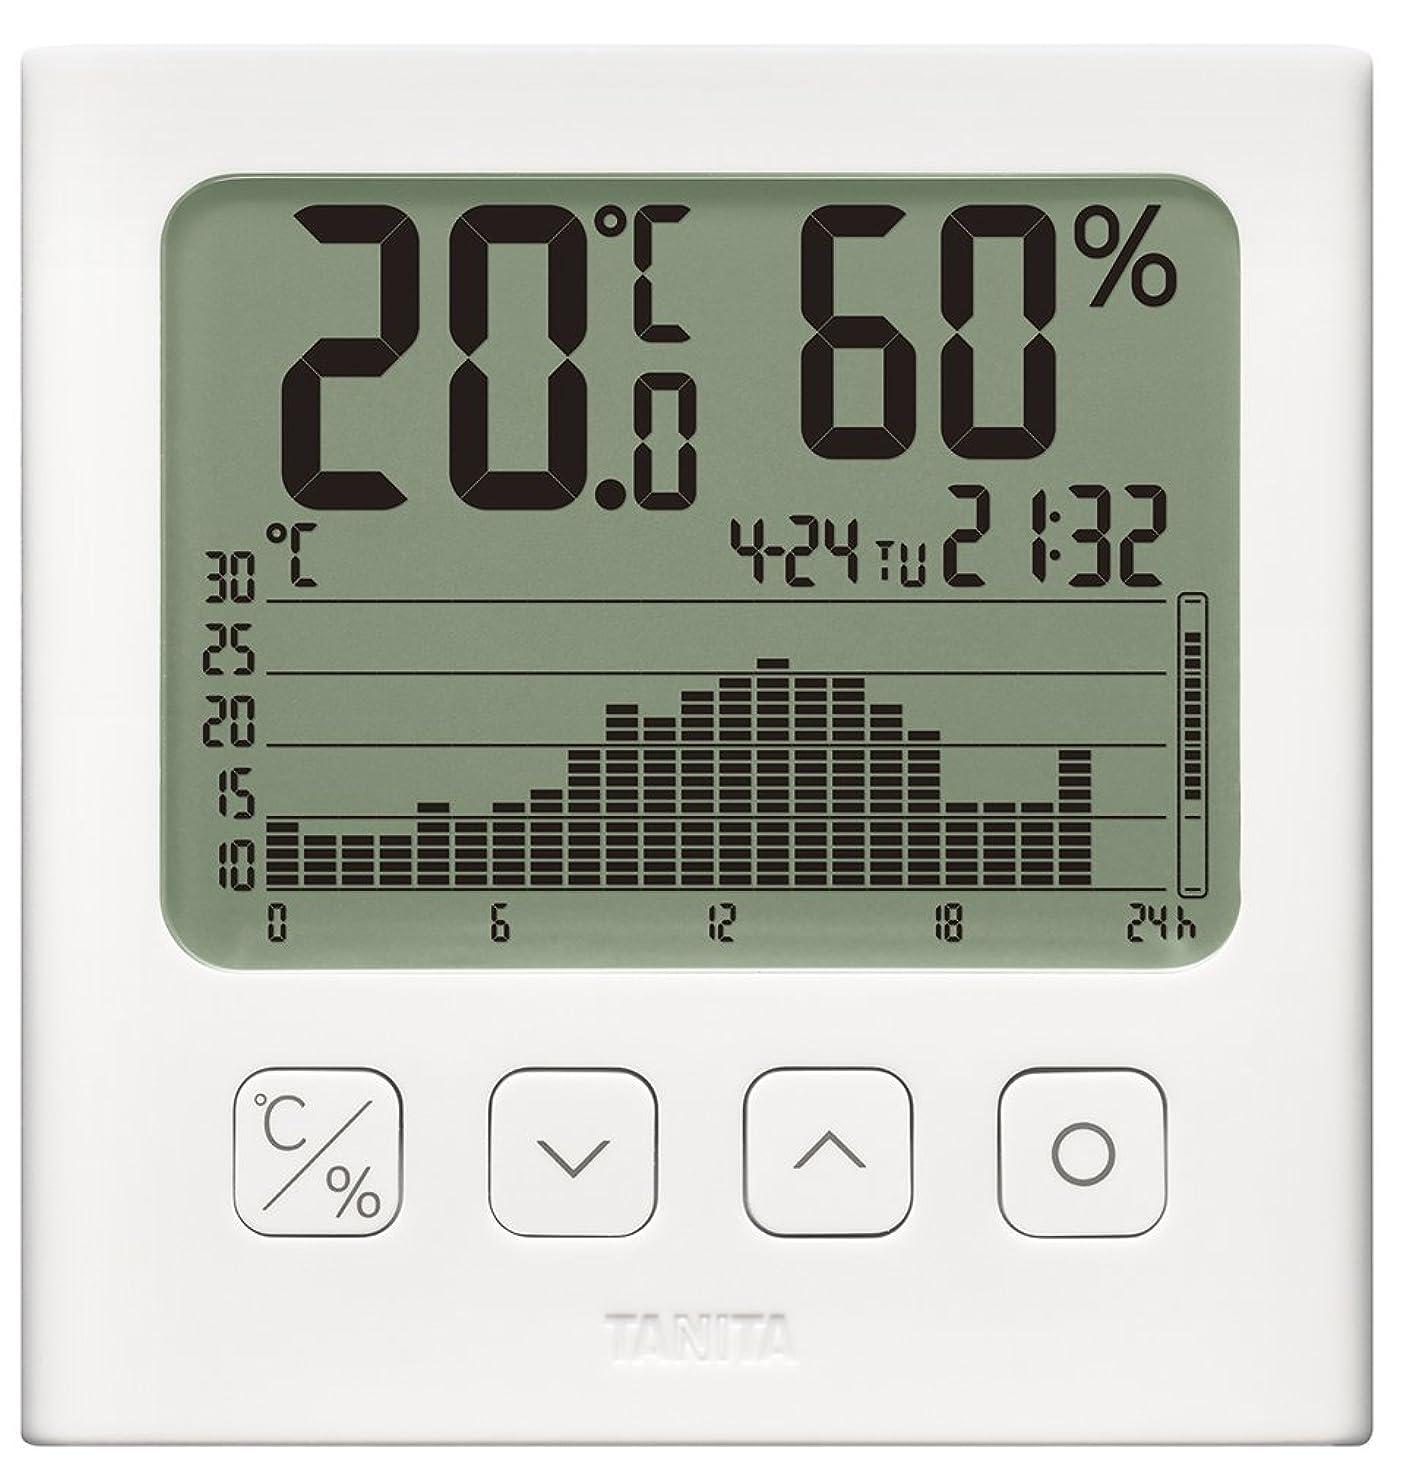 リーク祖母一元化するタニタ 温湿度計 デジタル グラフ付 ホワイト TT-580 WH 温湿度の変化を確認